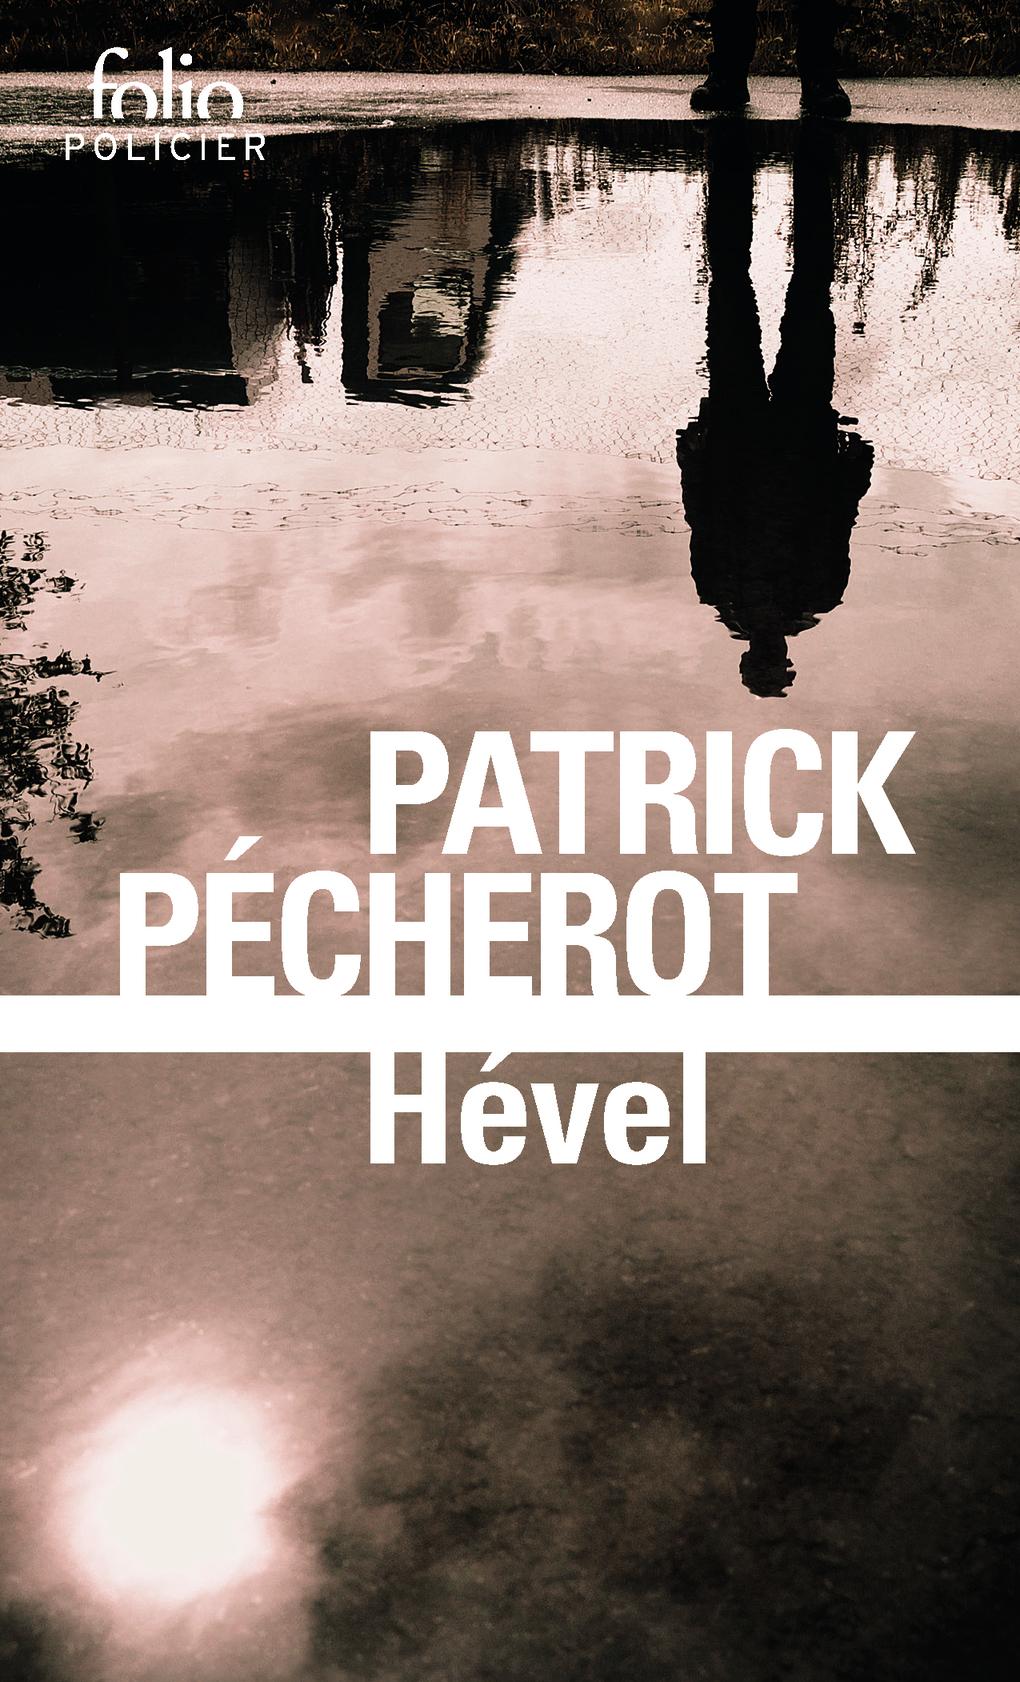 Hével | Pécherot, Patrick